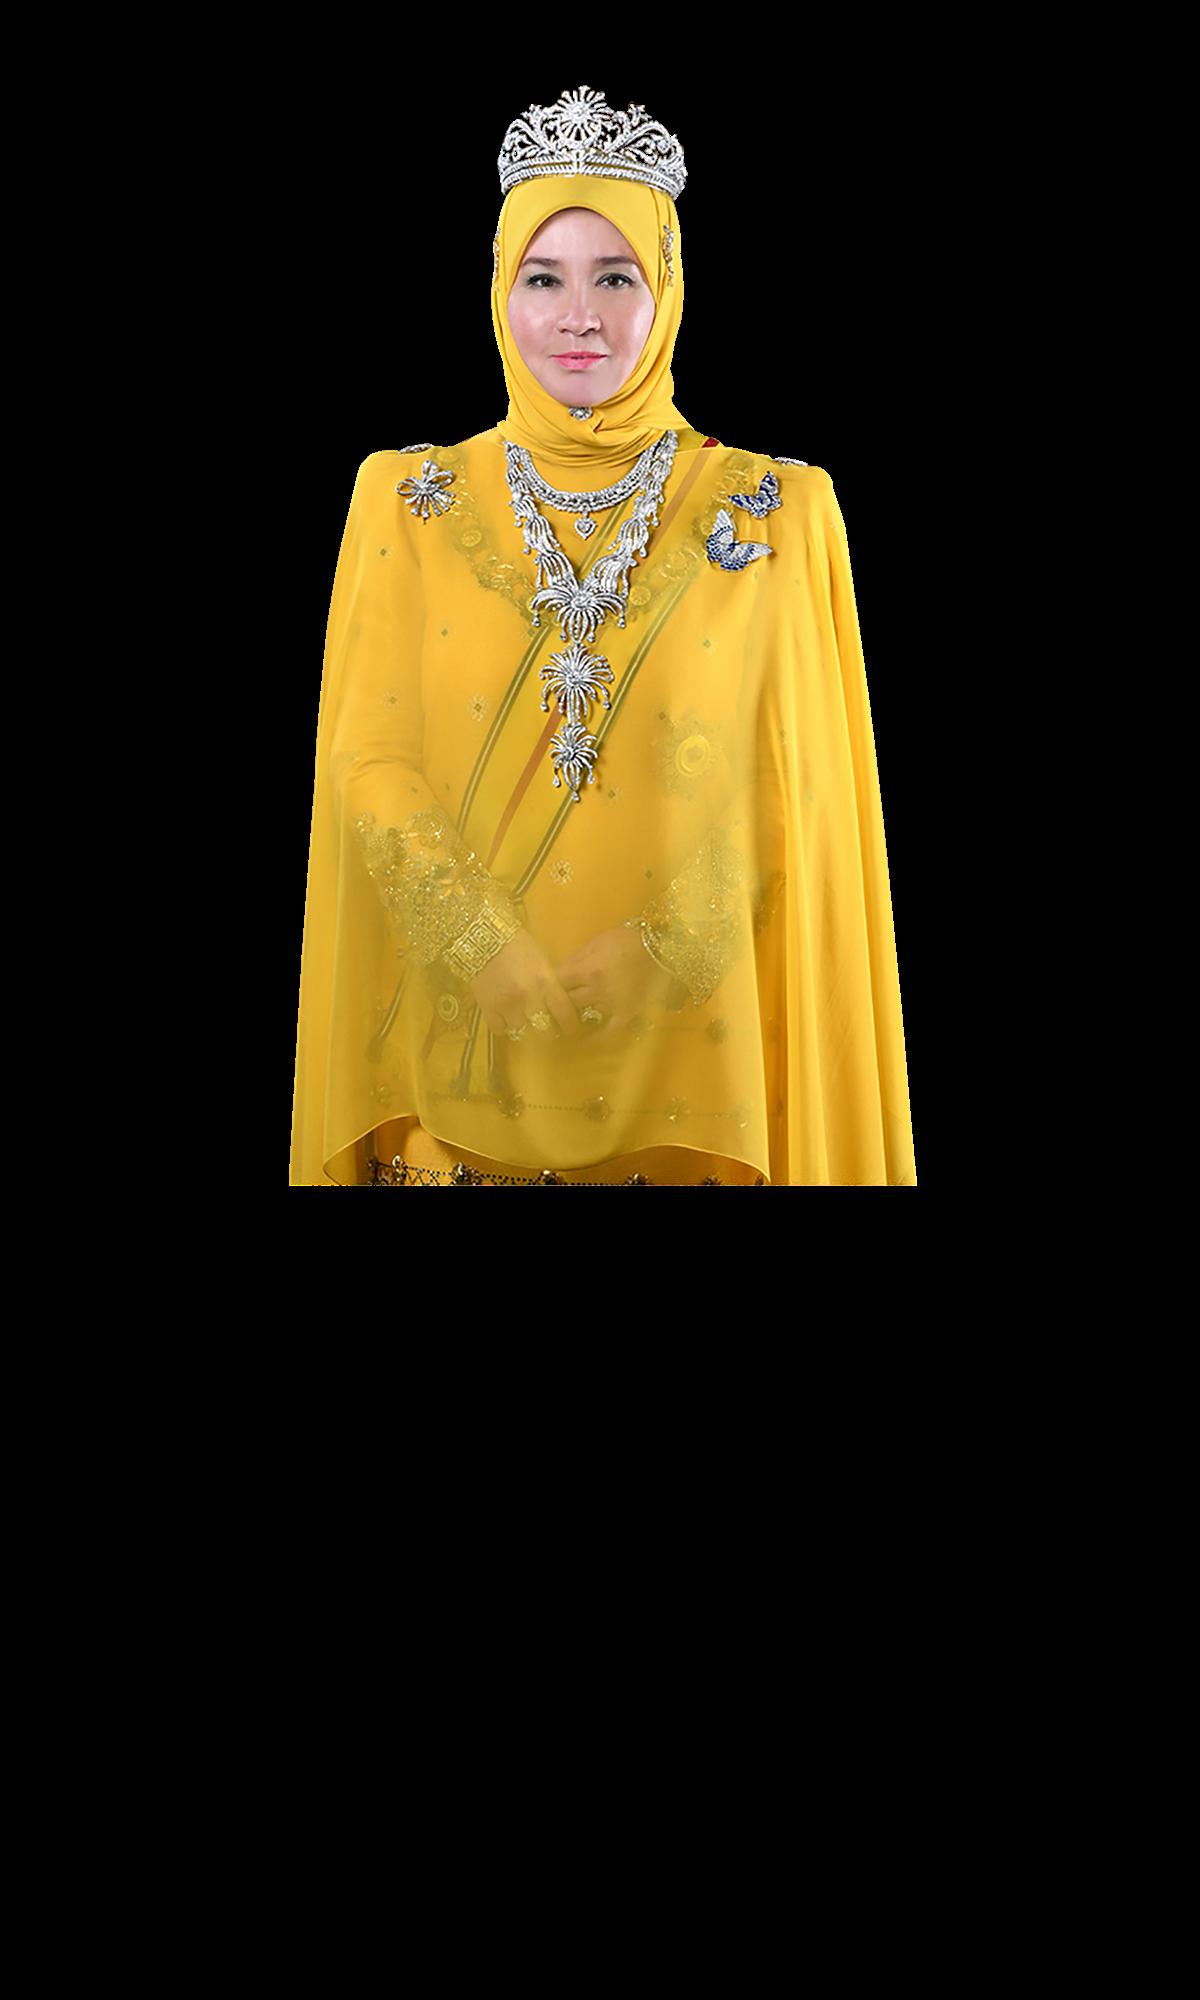 Mygov Spb Yang Di Pertuan Agong Spb Raja Permaisuri Agong